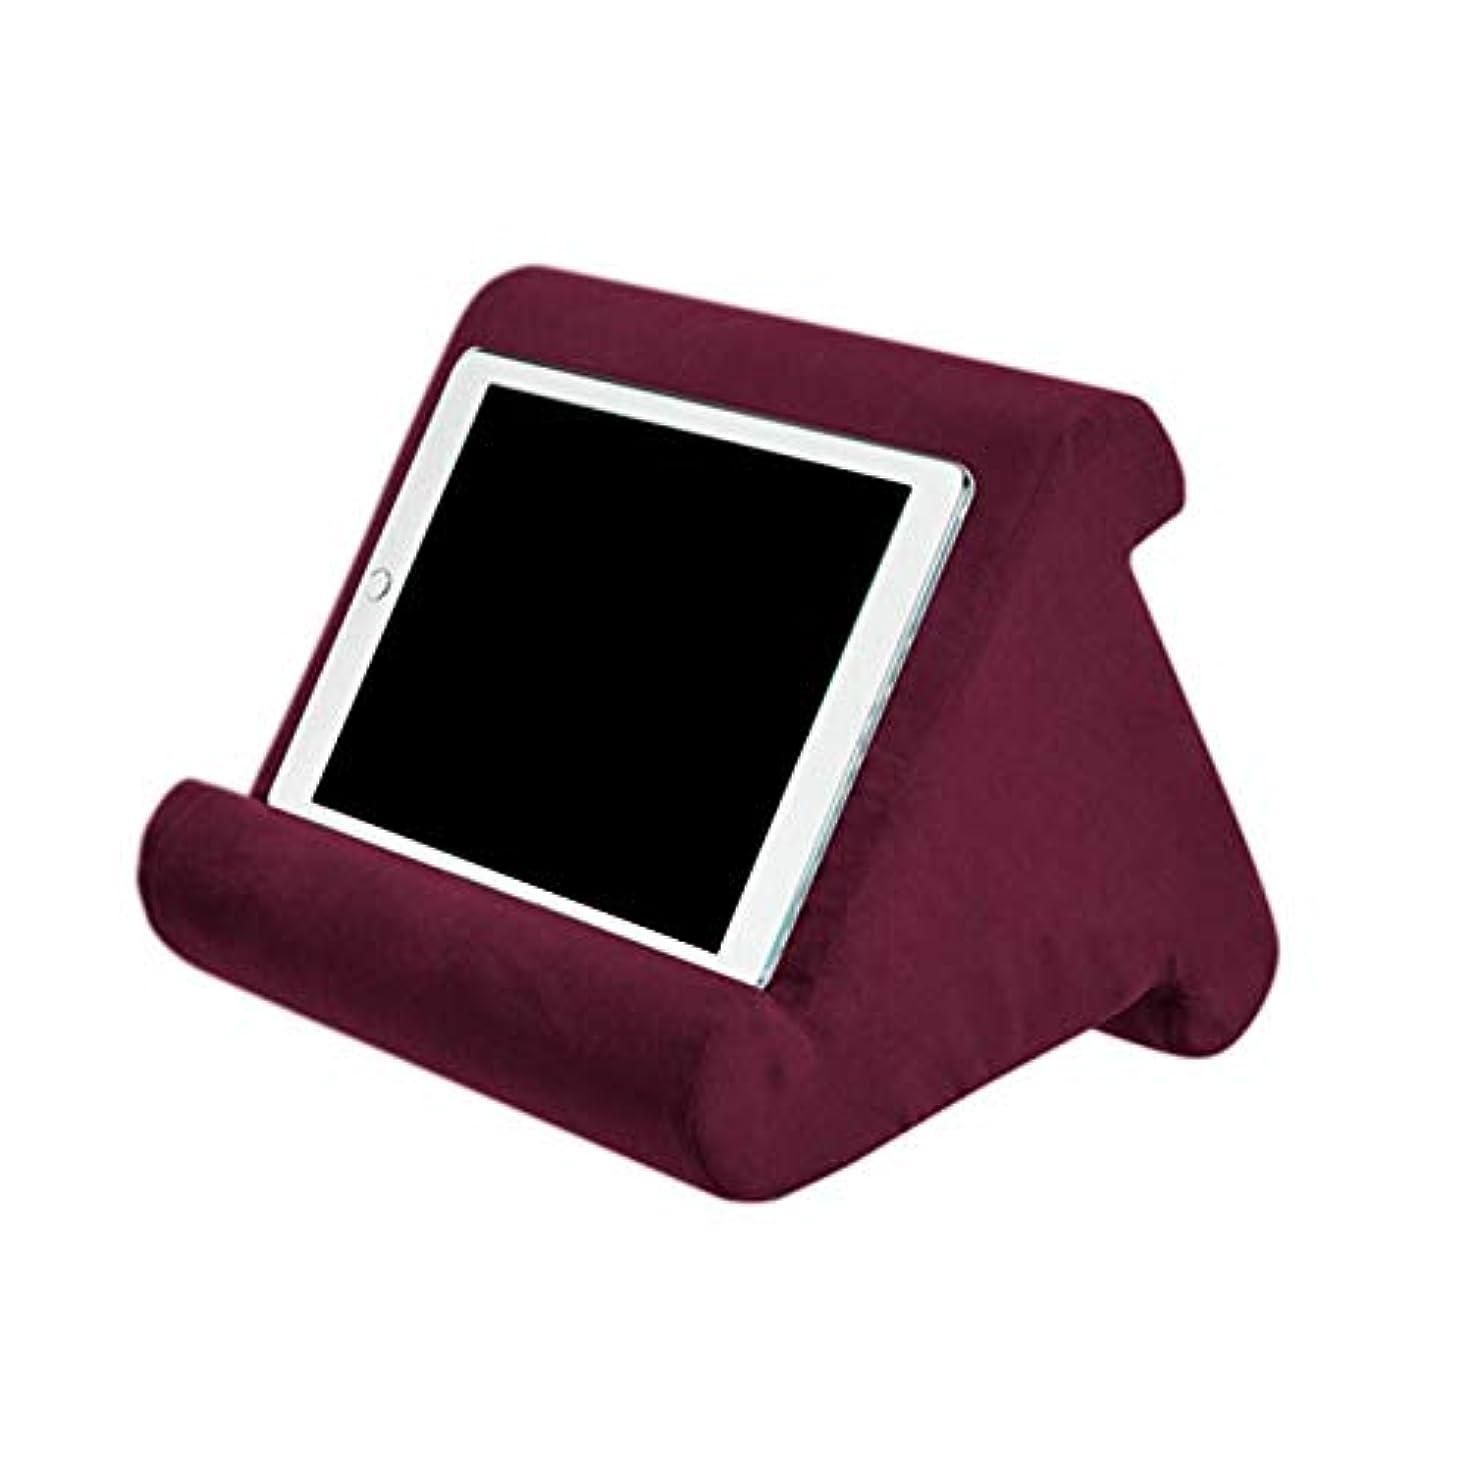 親指針入札LIFE 家庭用タブレット枕ホルダースタンドブック残り読書サポートクッションベッドソファマルチアングルソフト枕ラップスタンドクッション クッション 椅子